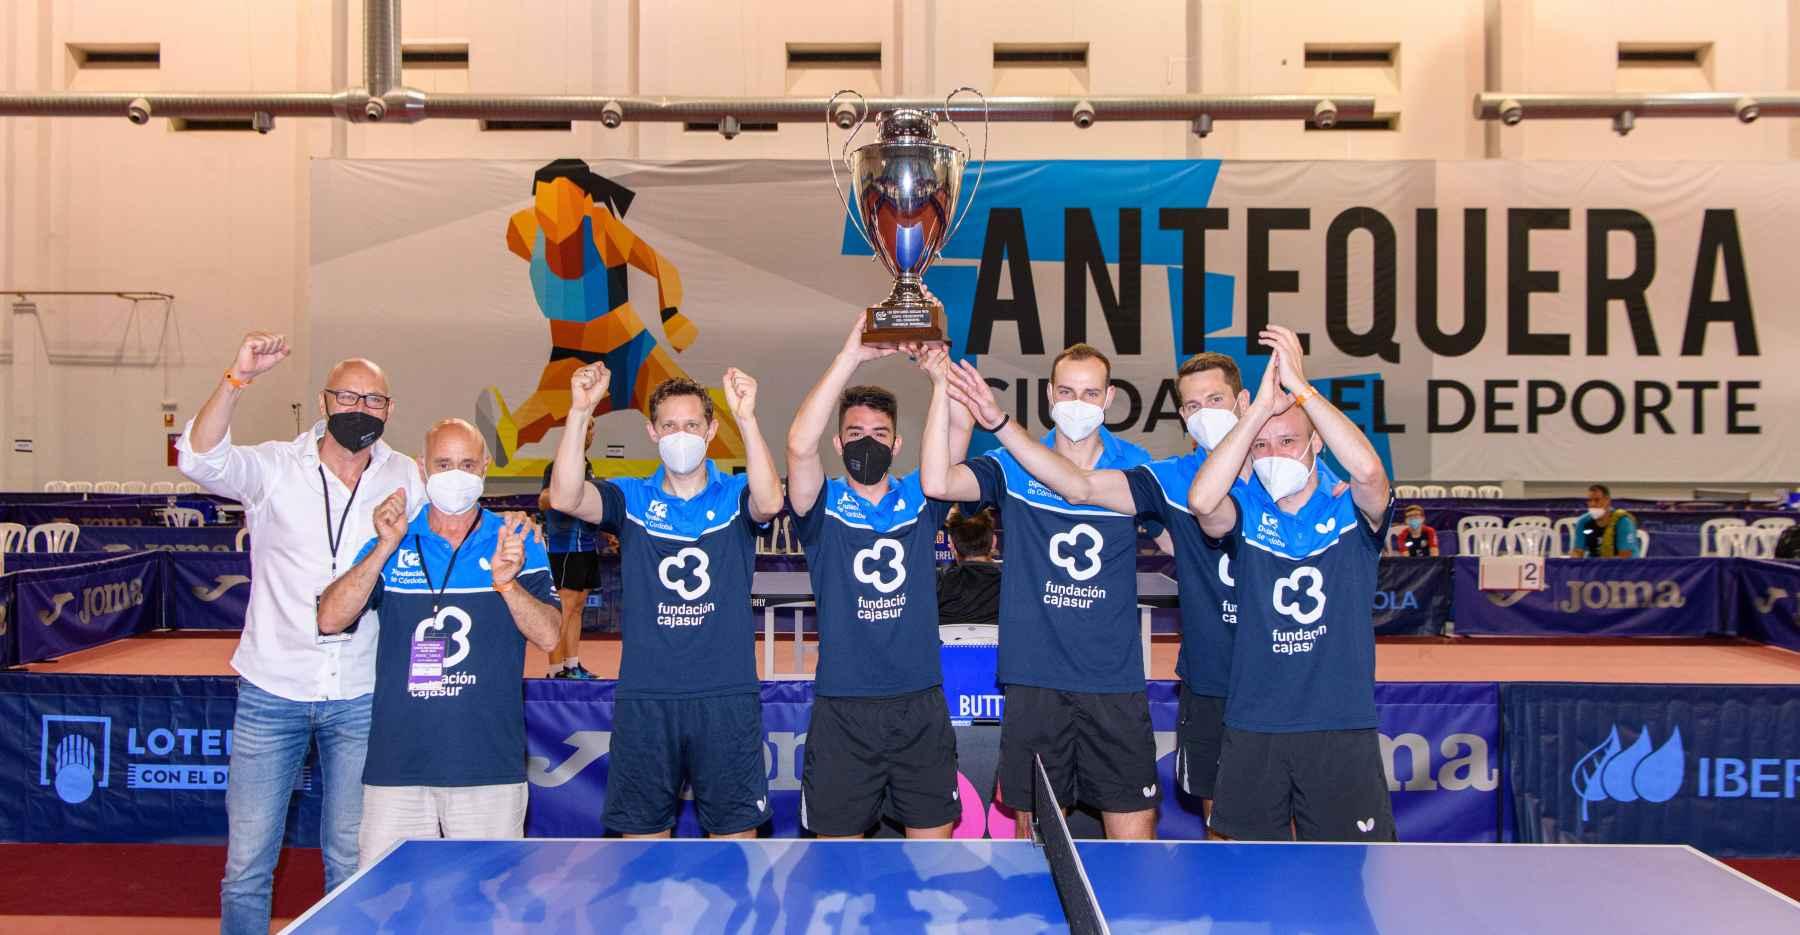 El Real Cajasur Priego TM recoge su trofeo como Campeón de la Superdivisión Masculina 2020/21